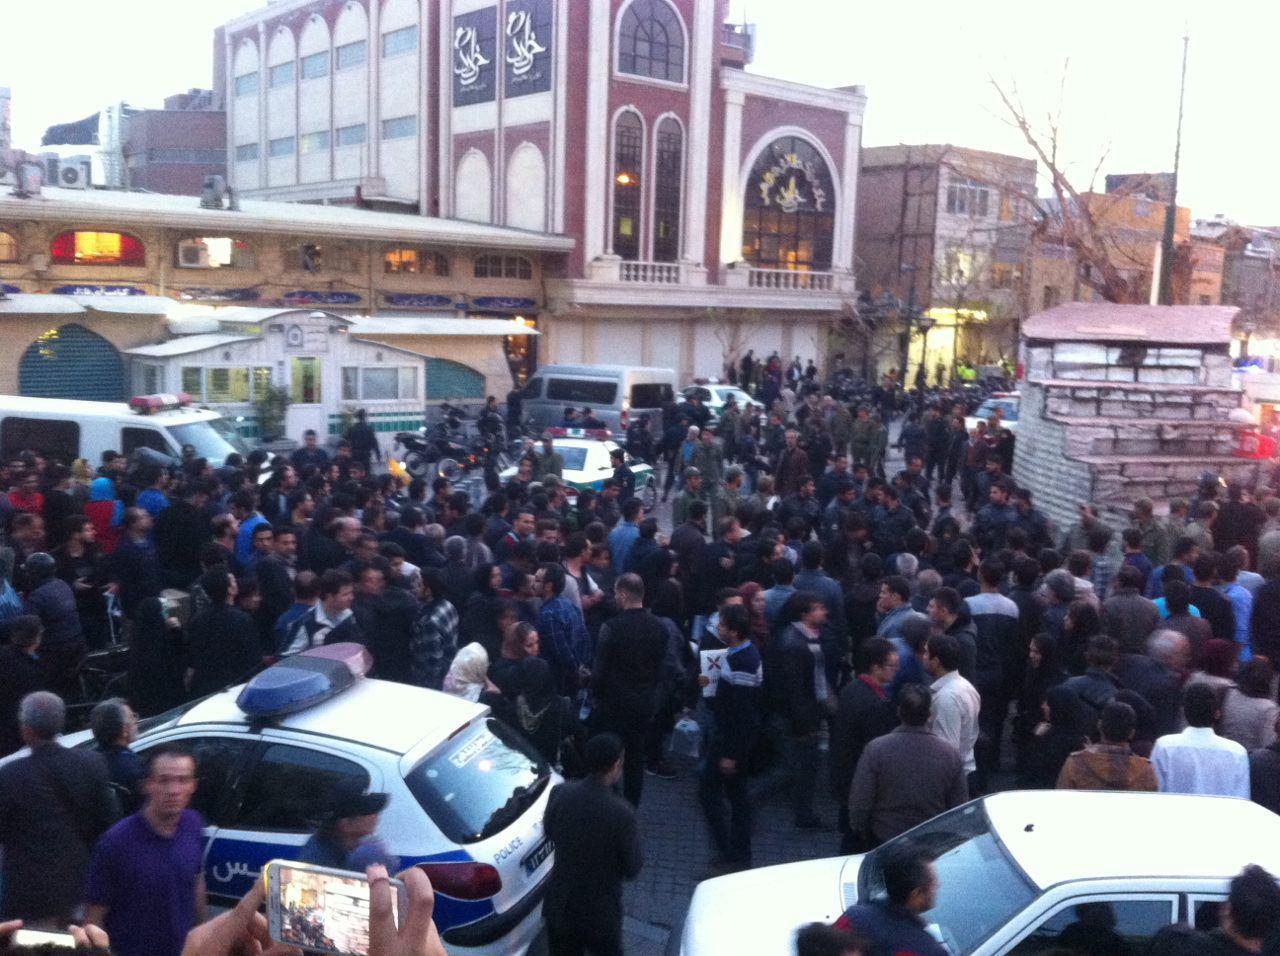 جزئیات و تصاویر انفجار پاساژ قیصریه در بازار تهران